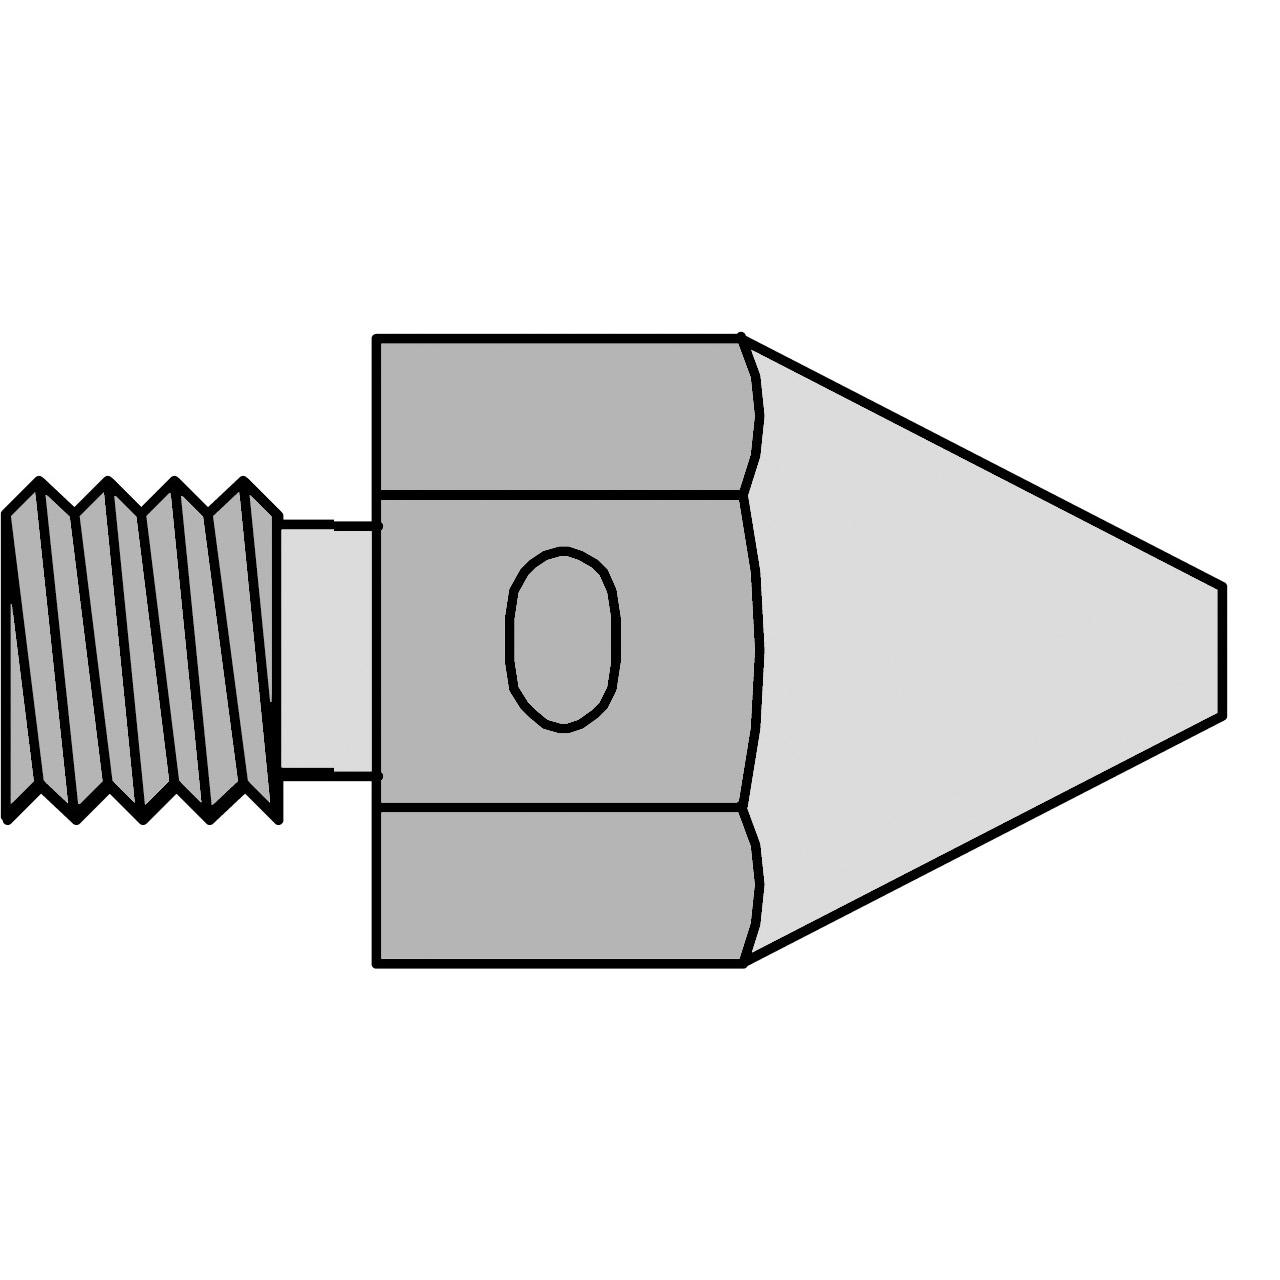 DS 110HM Desoldering nozzle